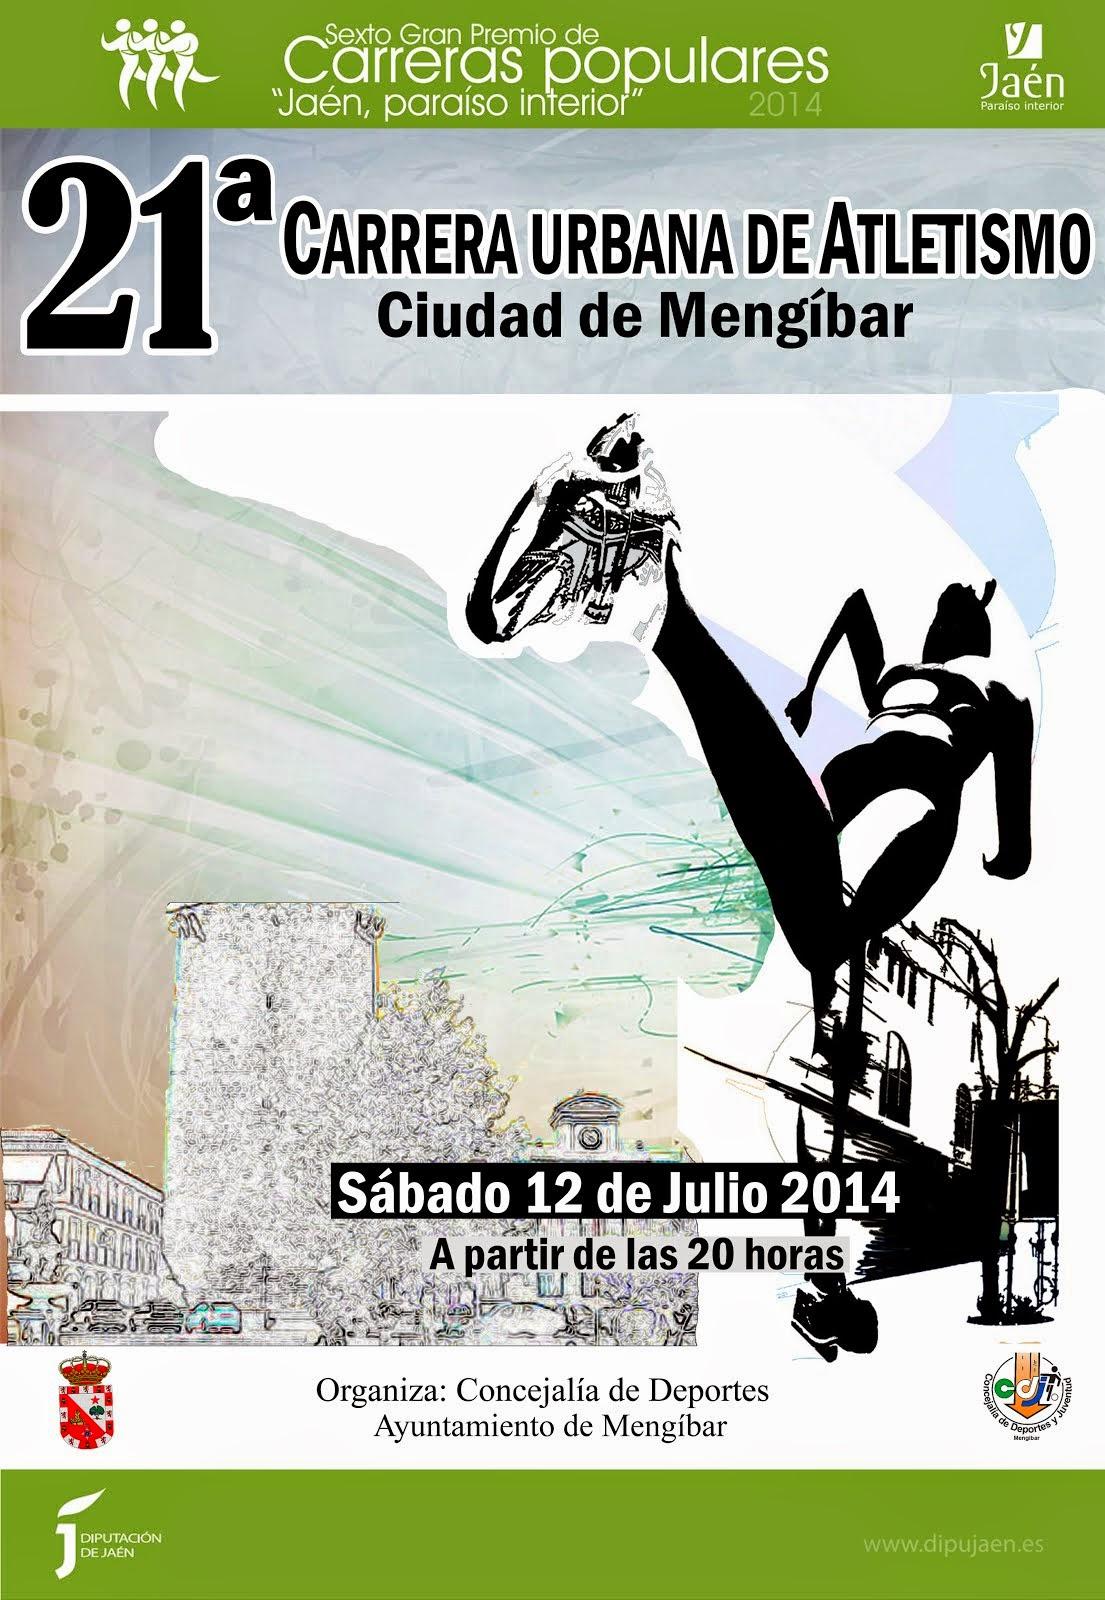 PARA VER CLASIFICACIONES: PINCHAR EL CARTEL